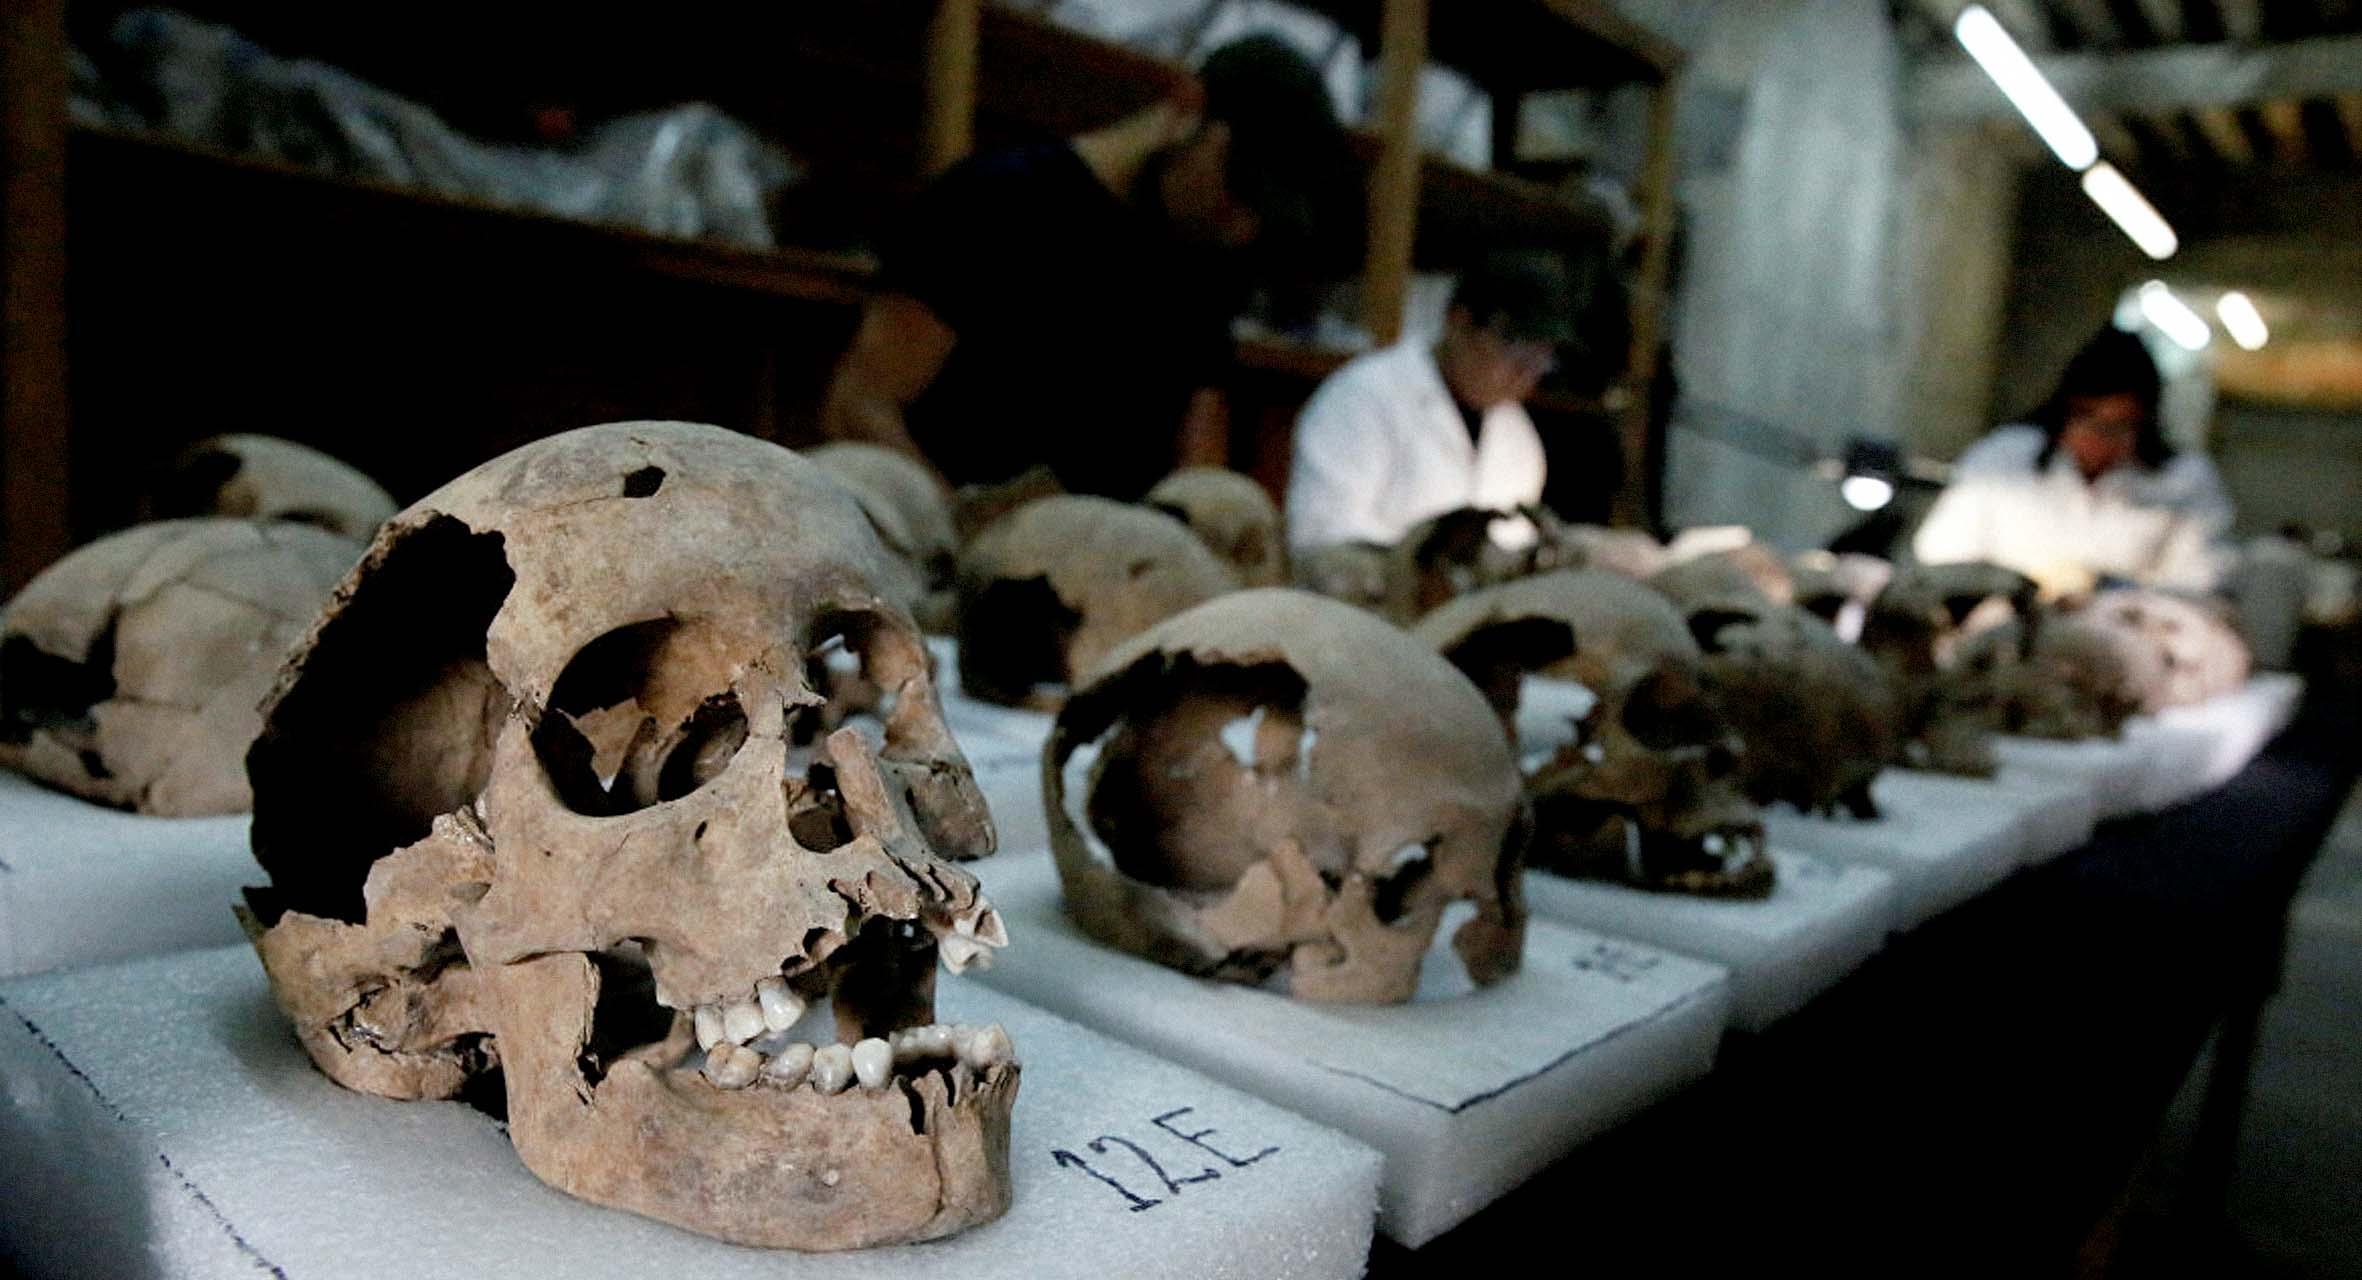 صورة فرنسا تستغني عن بعض قطعها الأثرية كتعويض للجزائريين عن جرائمها في بلادهم